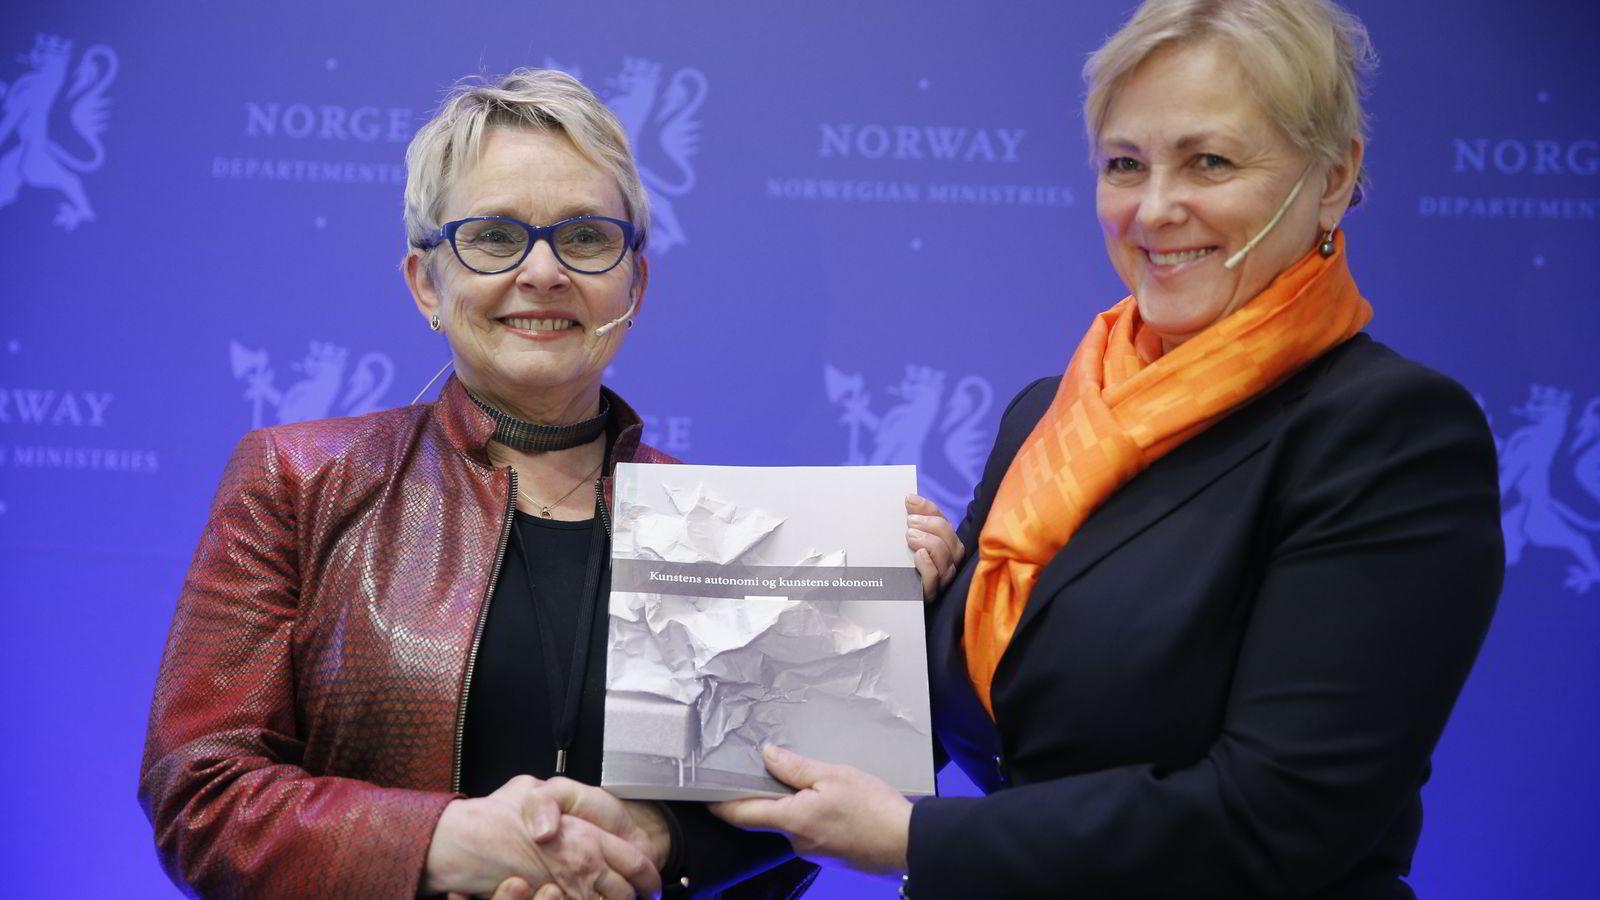 Kulturminister Thorild Widvey mottok torsdag en utredning om kunstnerlønninger fra Vigdis Moe Skarstein (t.v). Foto: Terje Pedersen /